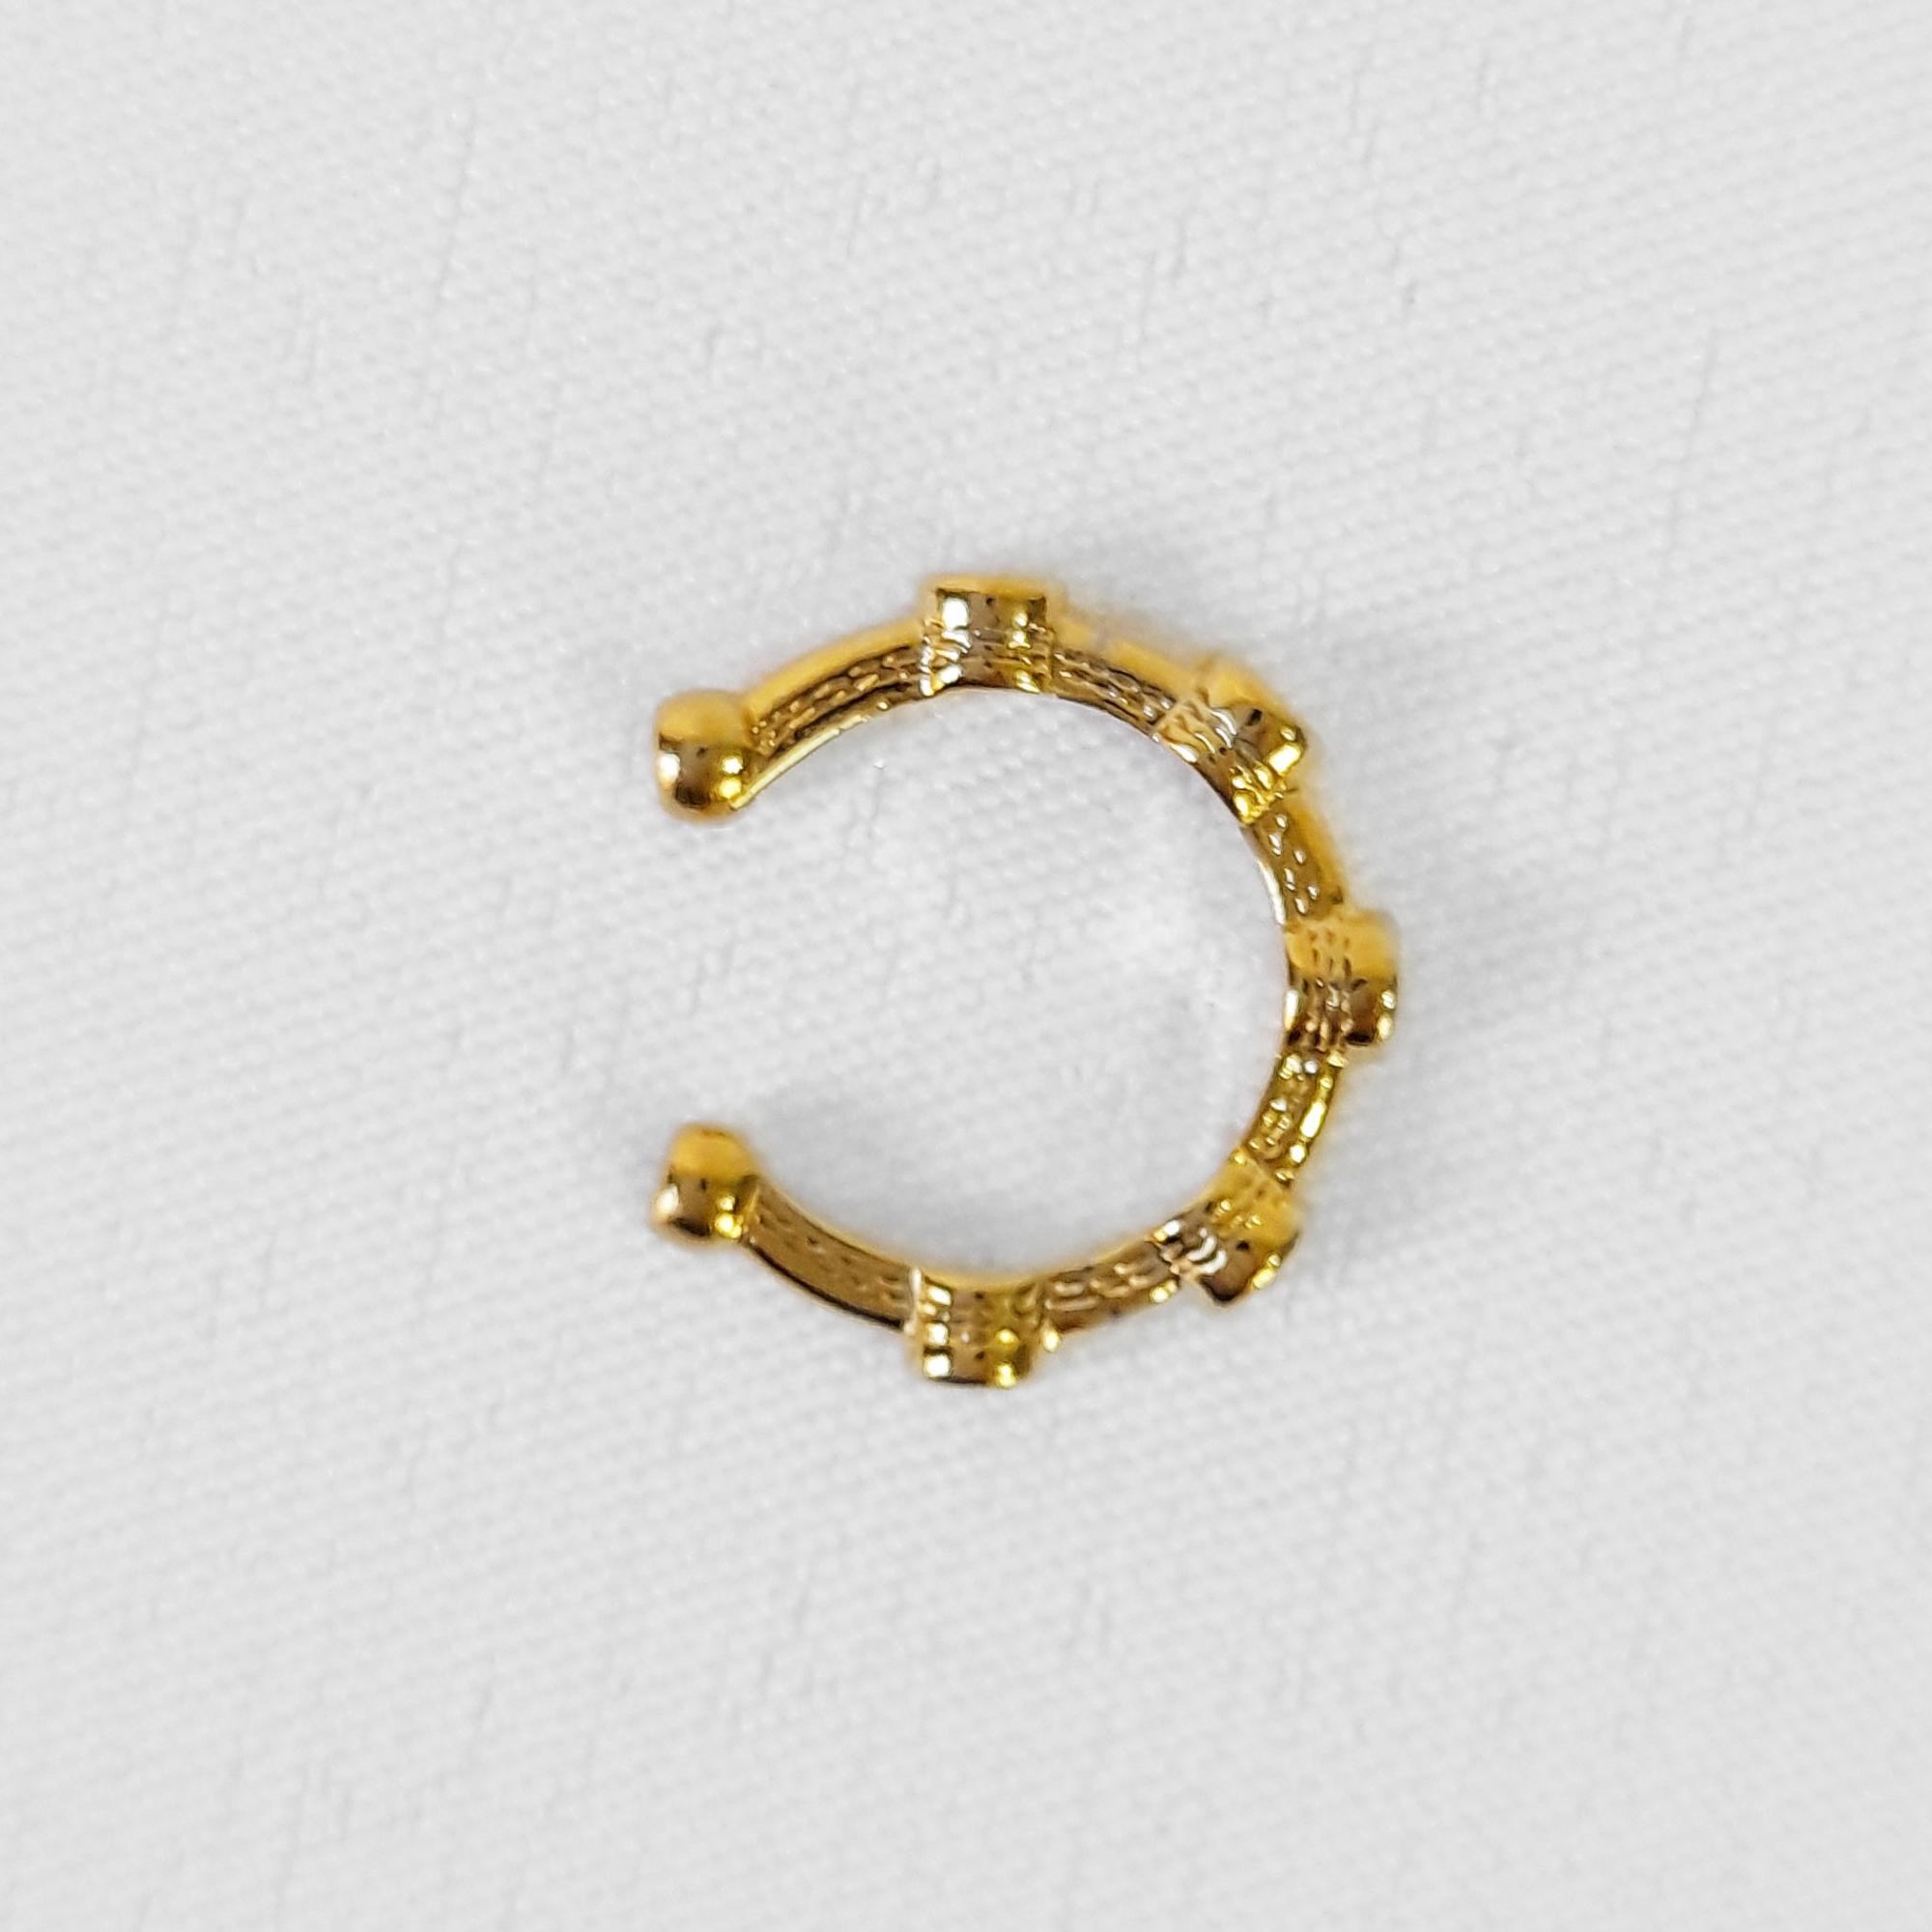 Brinco Piercing Fake Pontos Zircônia Folheado Ouro 18k  - Lunozê Joias